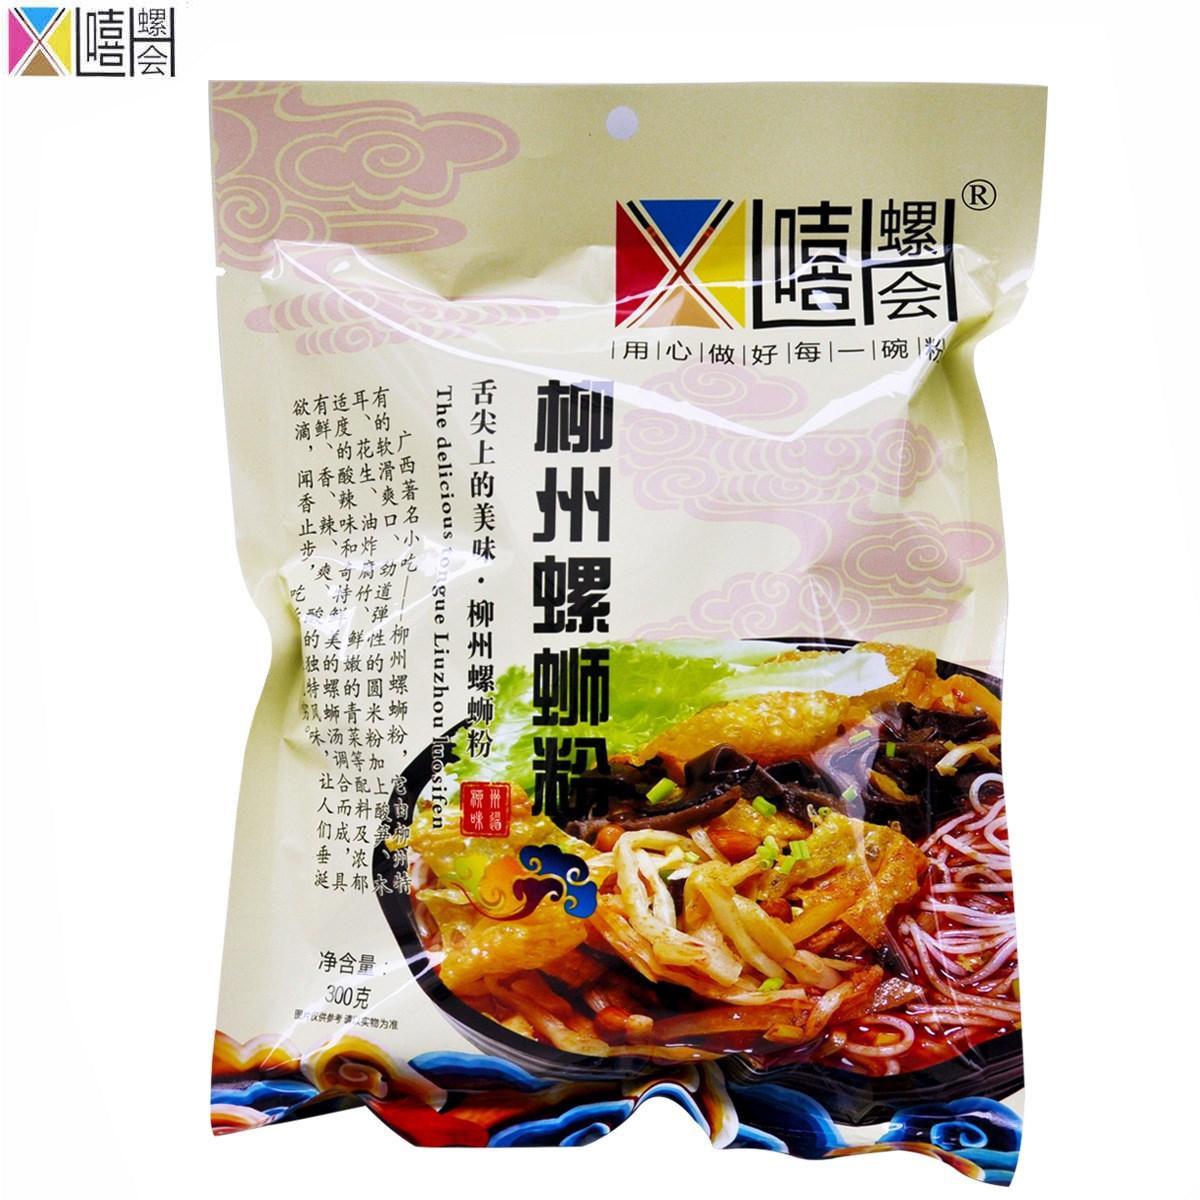 2袋嘻螺会广西柳州特产正宗螺蛳粉